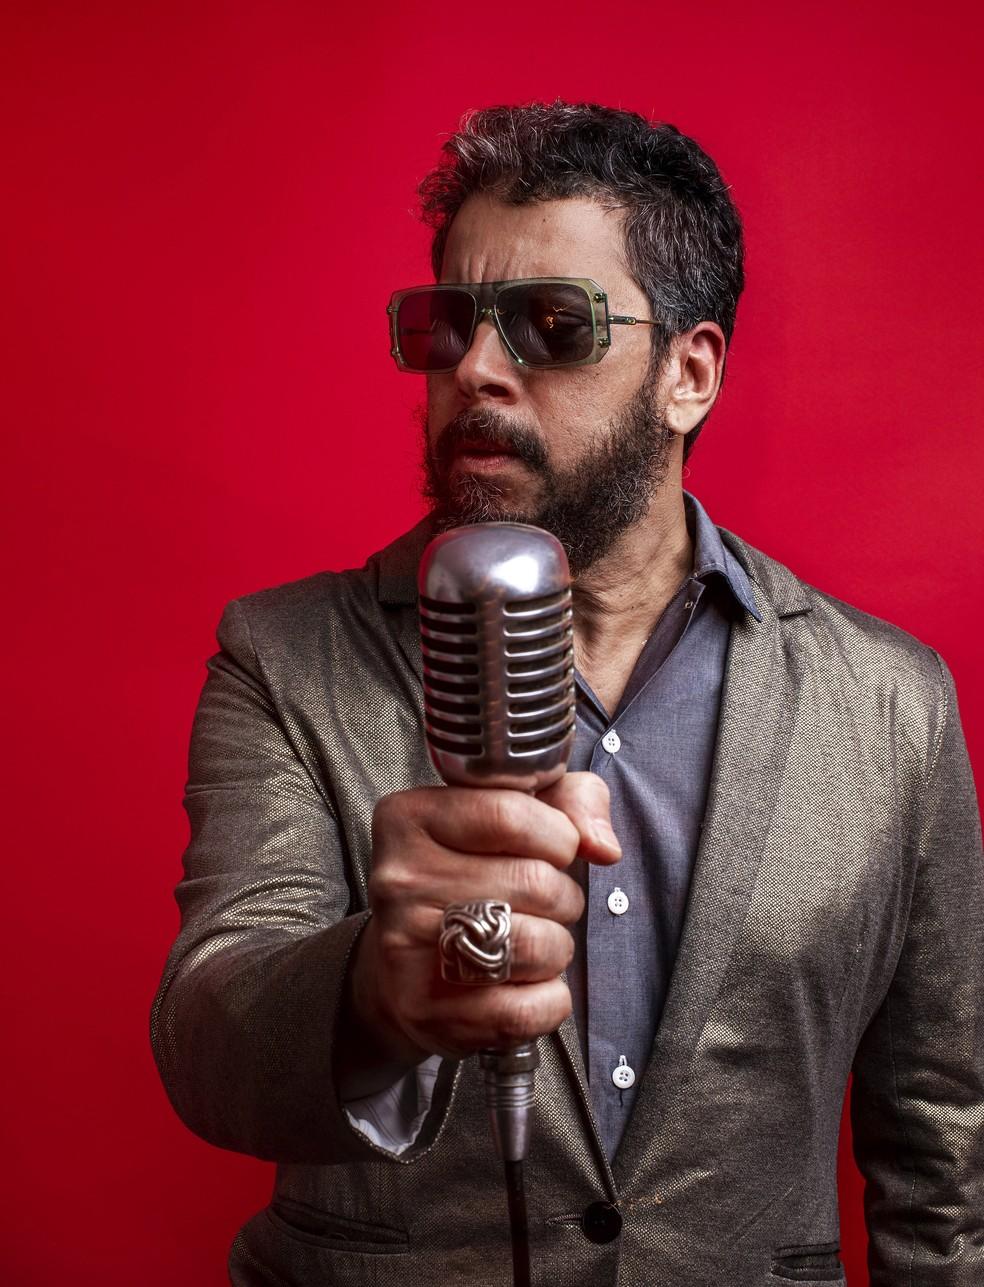 Jorge Du Peixe lança o single 'O fole roncou', segunda amostra do álbum solo 'Baião granfino' — Foto: José de Holanda / Divulgação